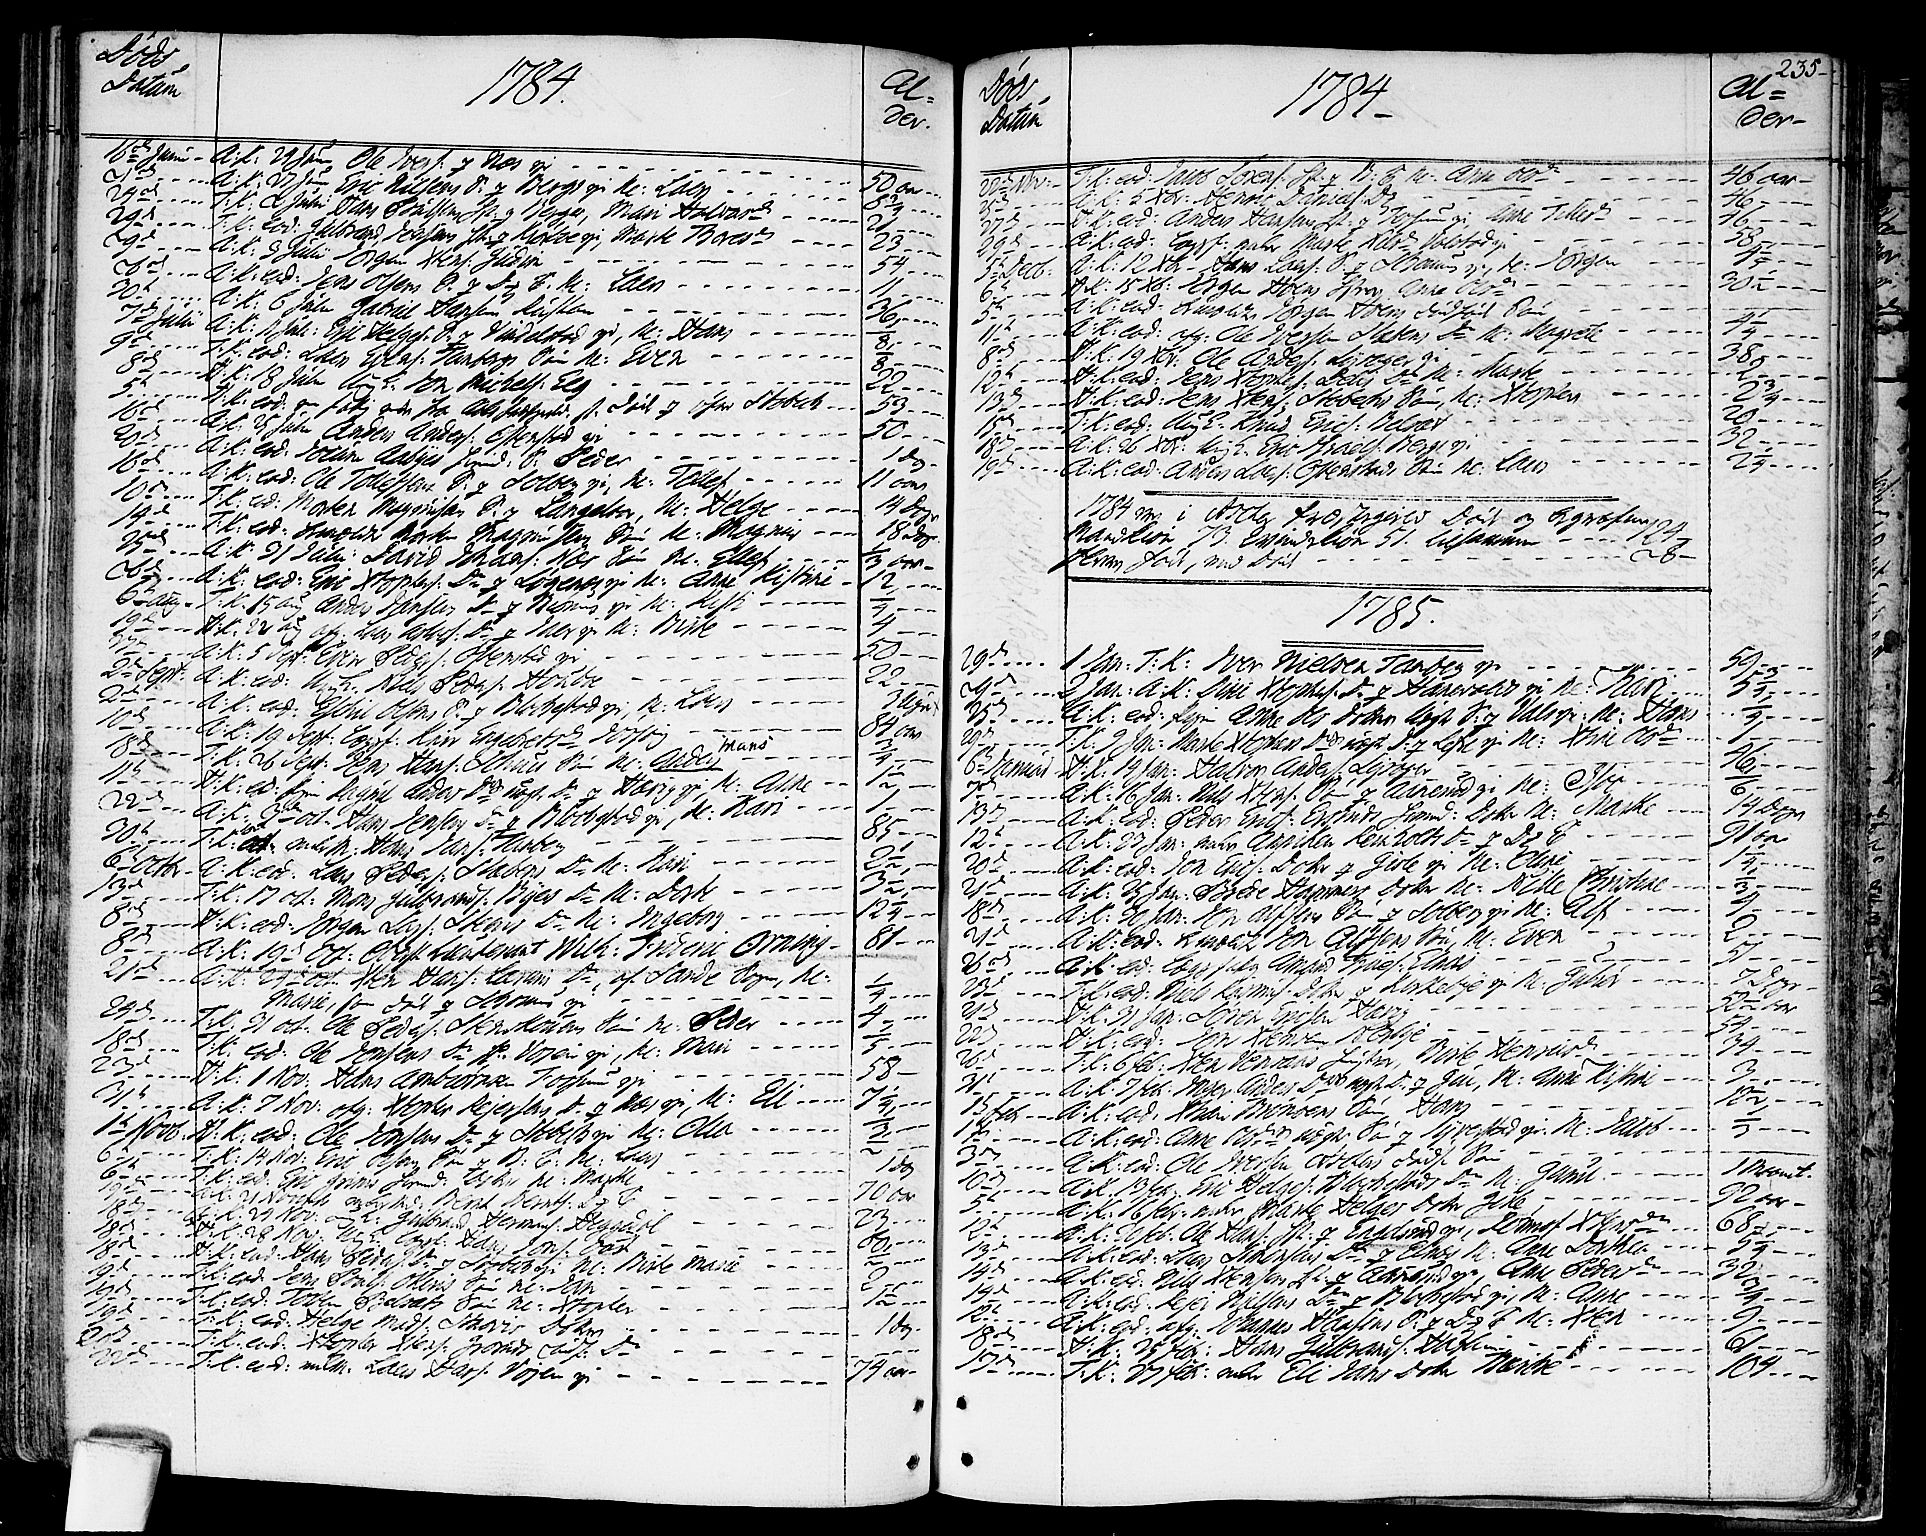 SAO, Asker prestekontor Kirkebøker, F/Fa/L0003: Ministerialbok nr. I 3, 1767-1807, s. 235